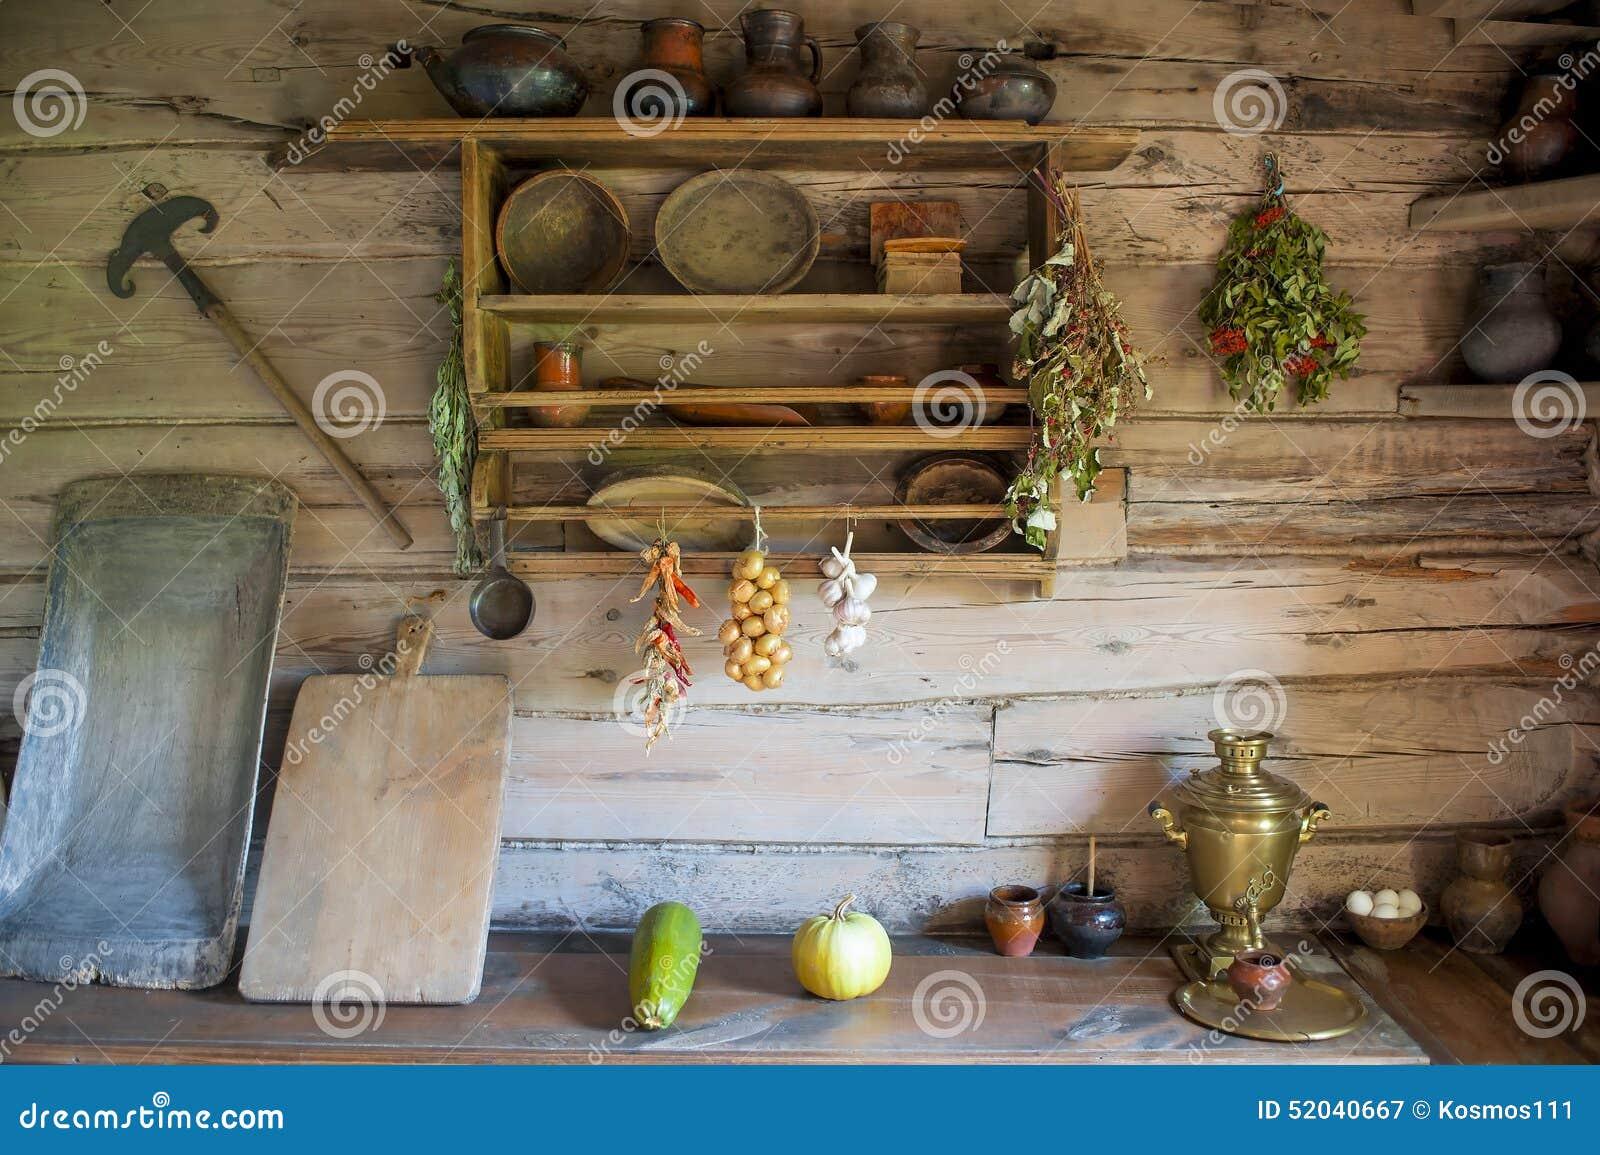 Cocina en la casa de un campesino pobre foto de archivo for La cocina en casa